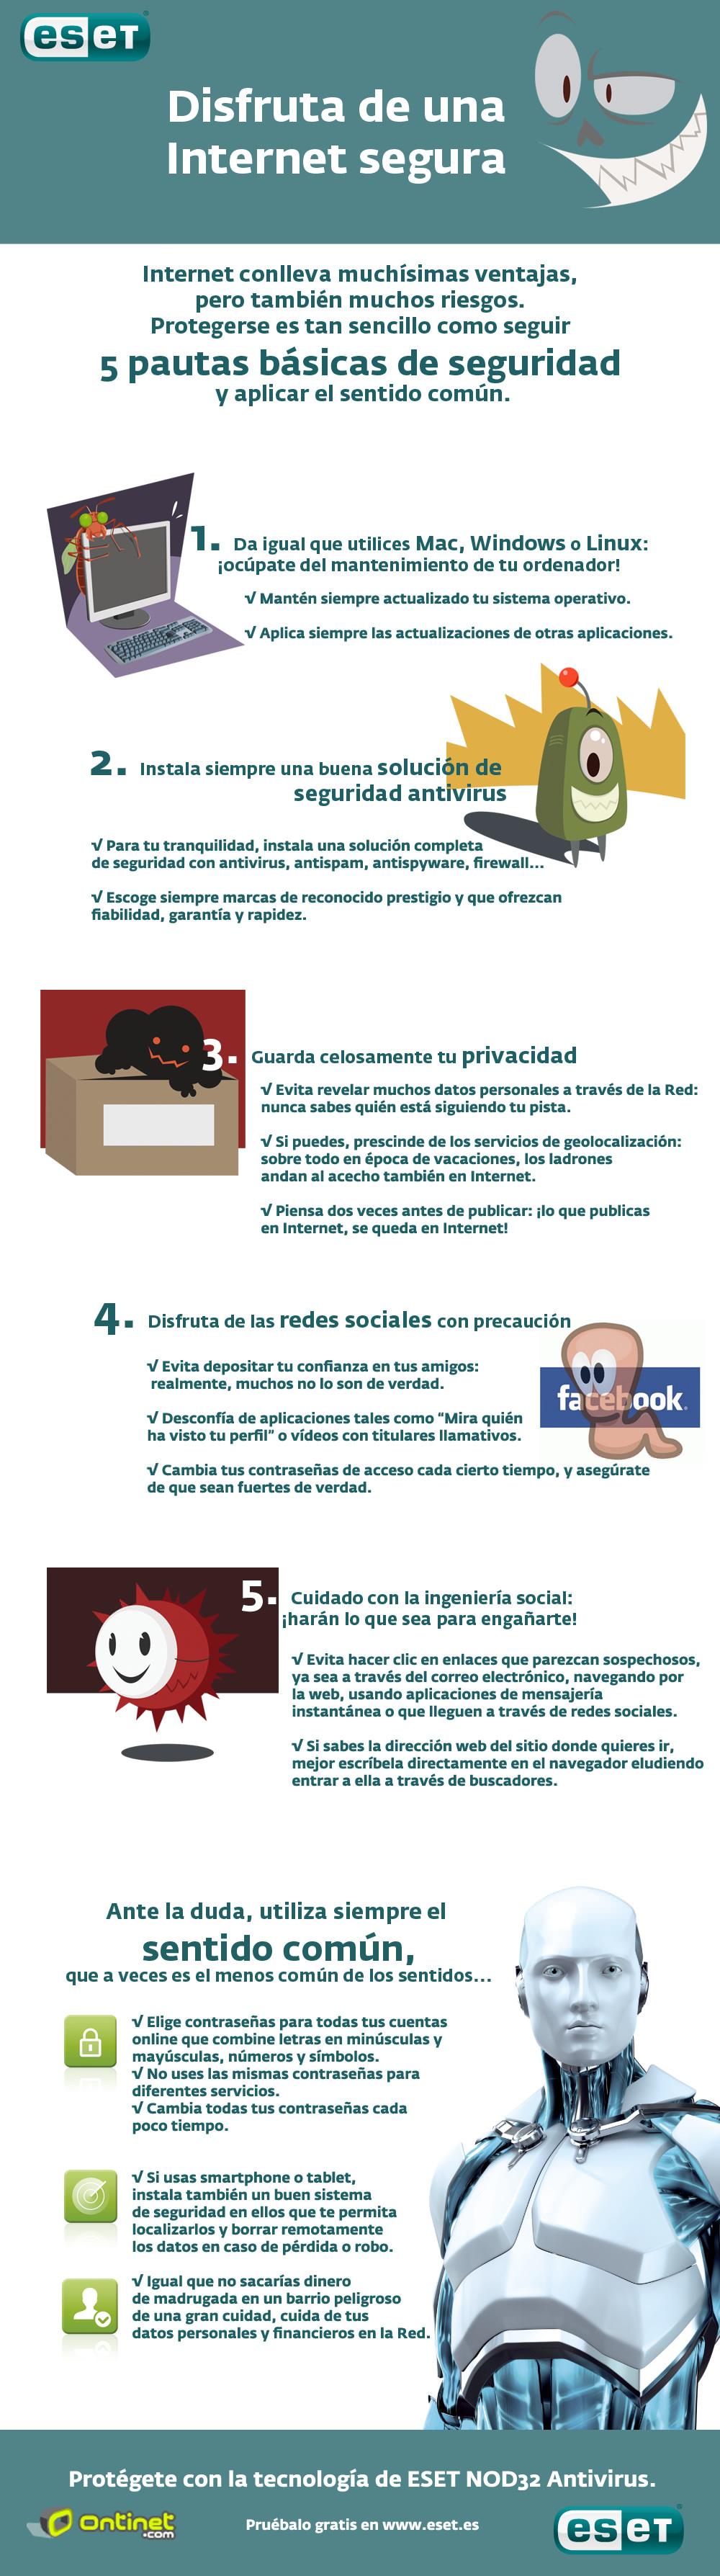 Infografía - Día de Internet - Consejos Internet Seguro